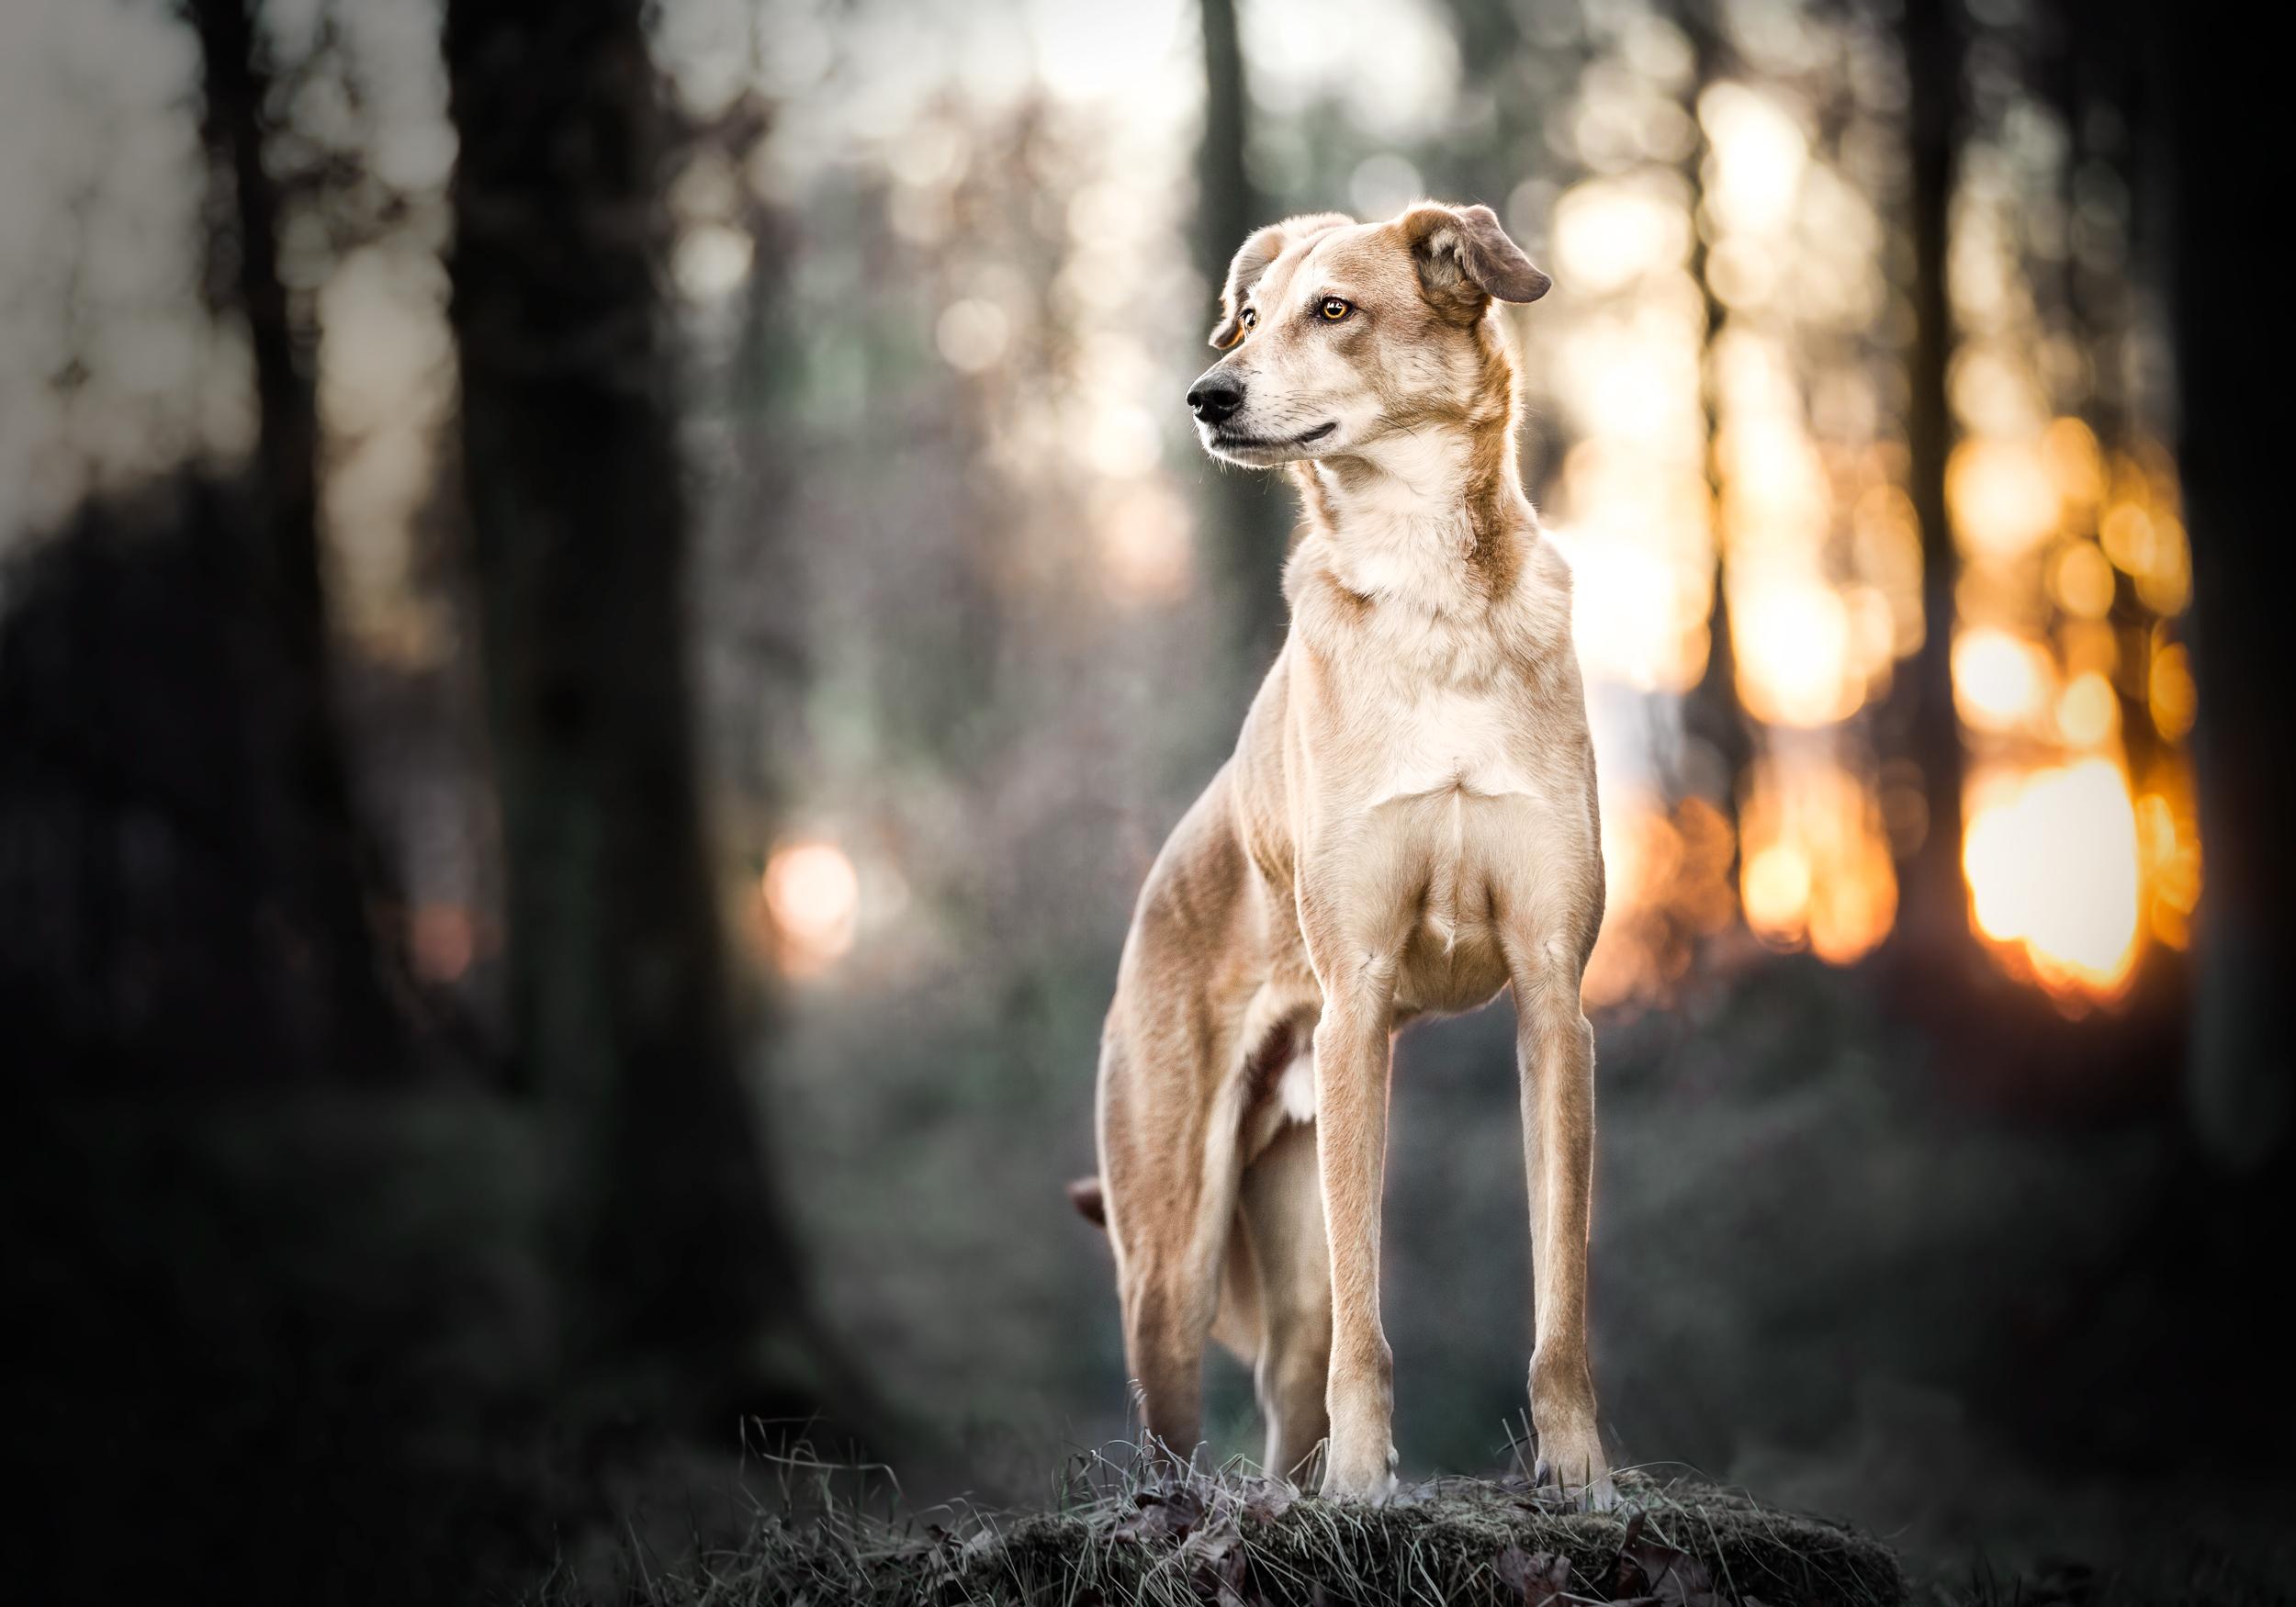 Windhundmischling steht stolz auf einem Baumstamm